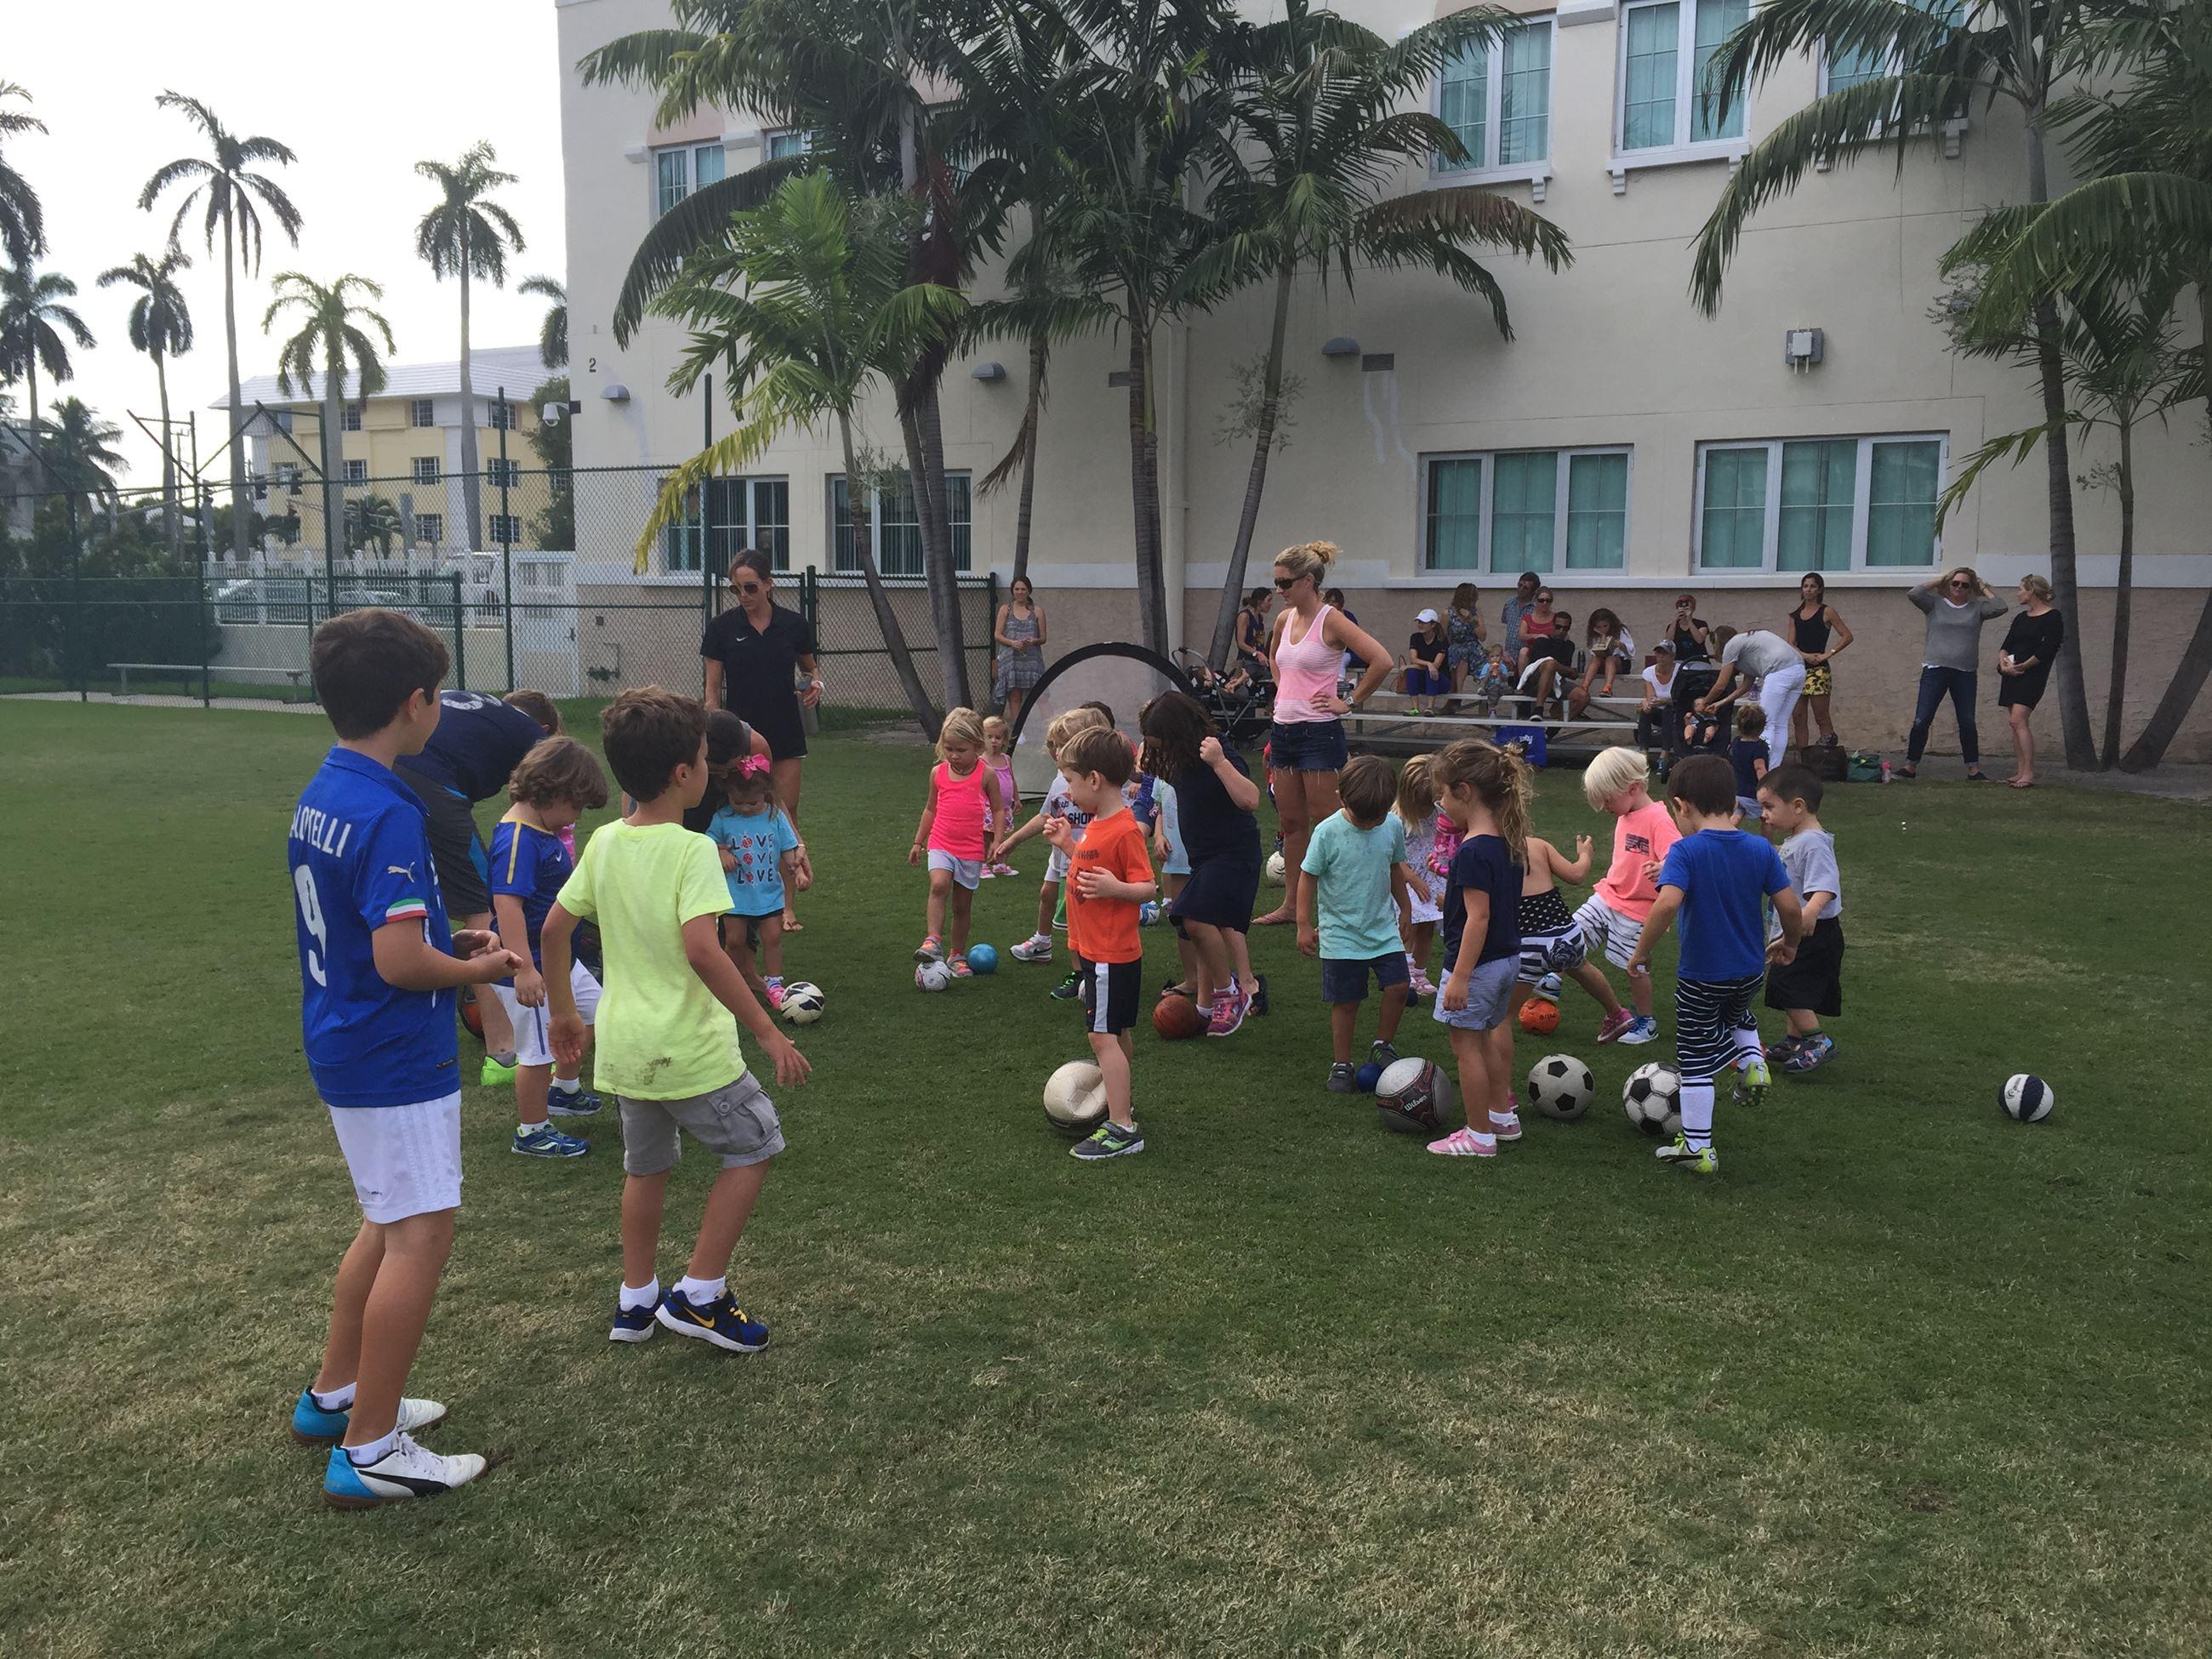 Recreation center palm beach fl official website - Palm beach gardens recreation center ...